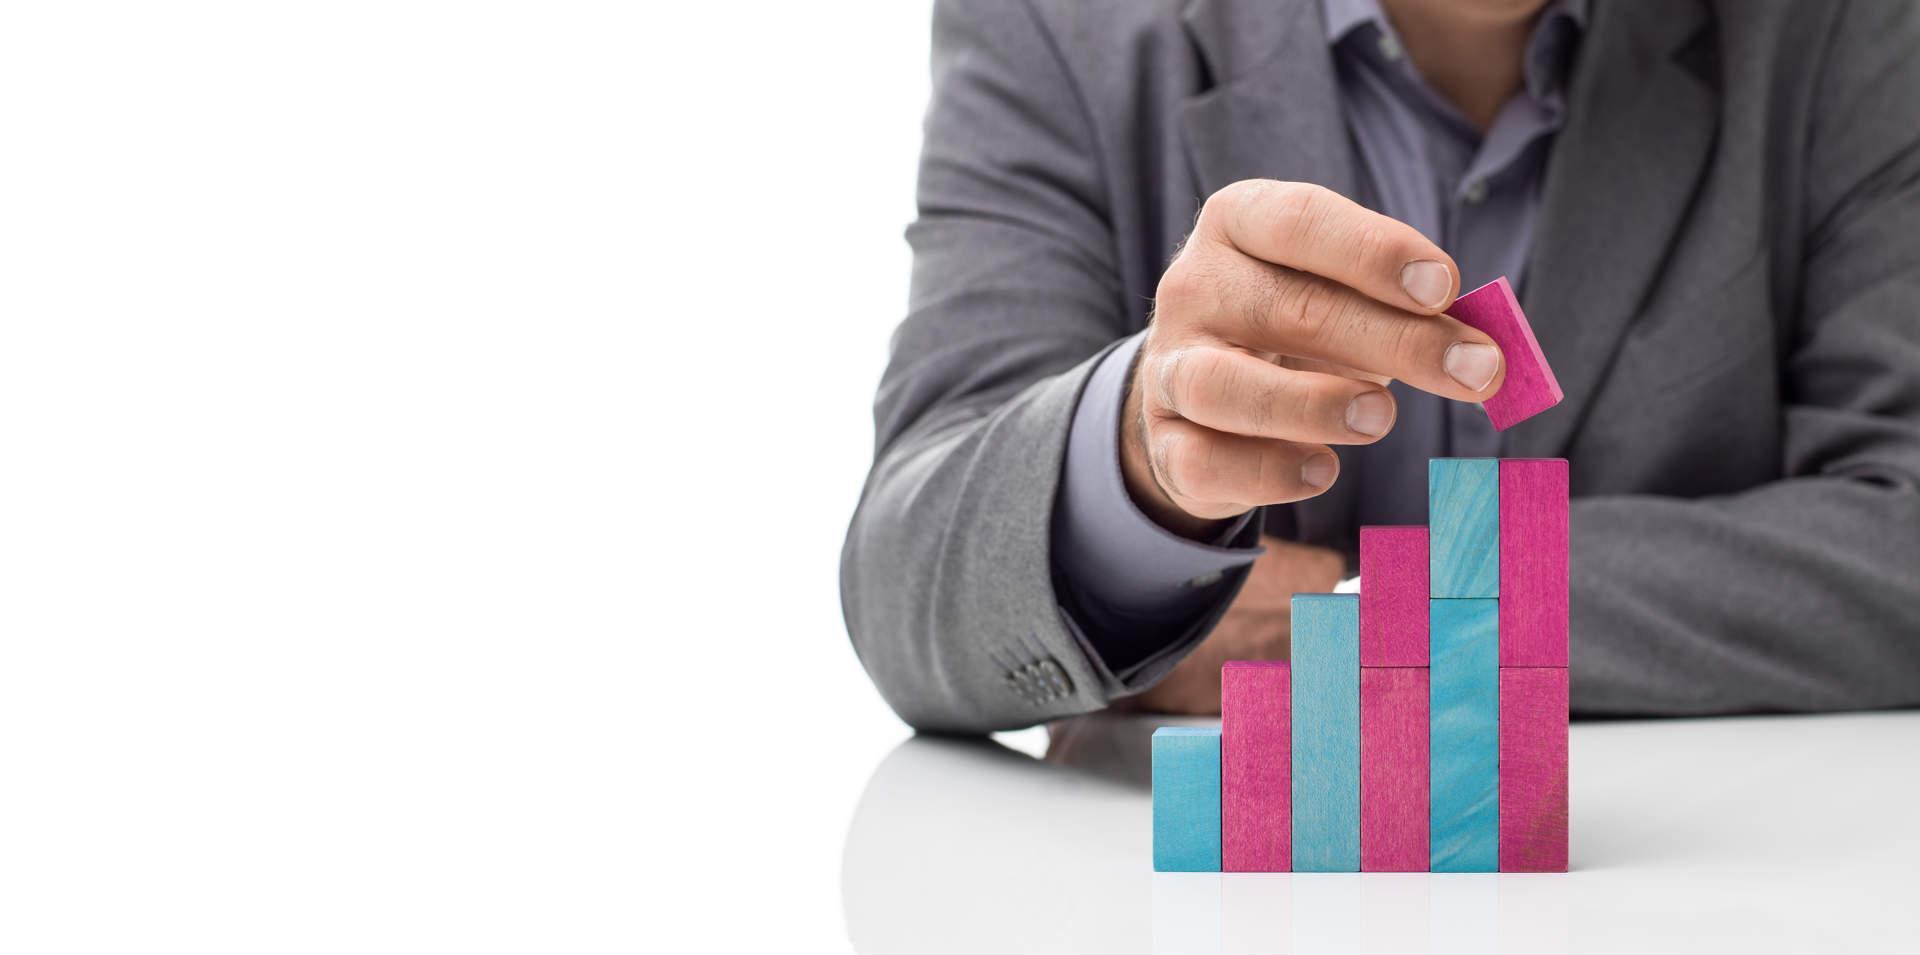 Оптимизация затрат на деловые поездки